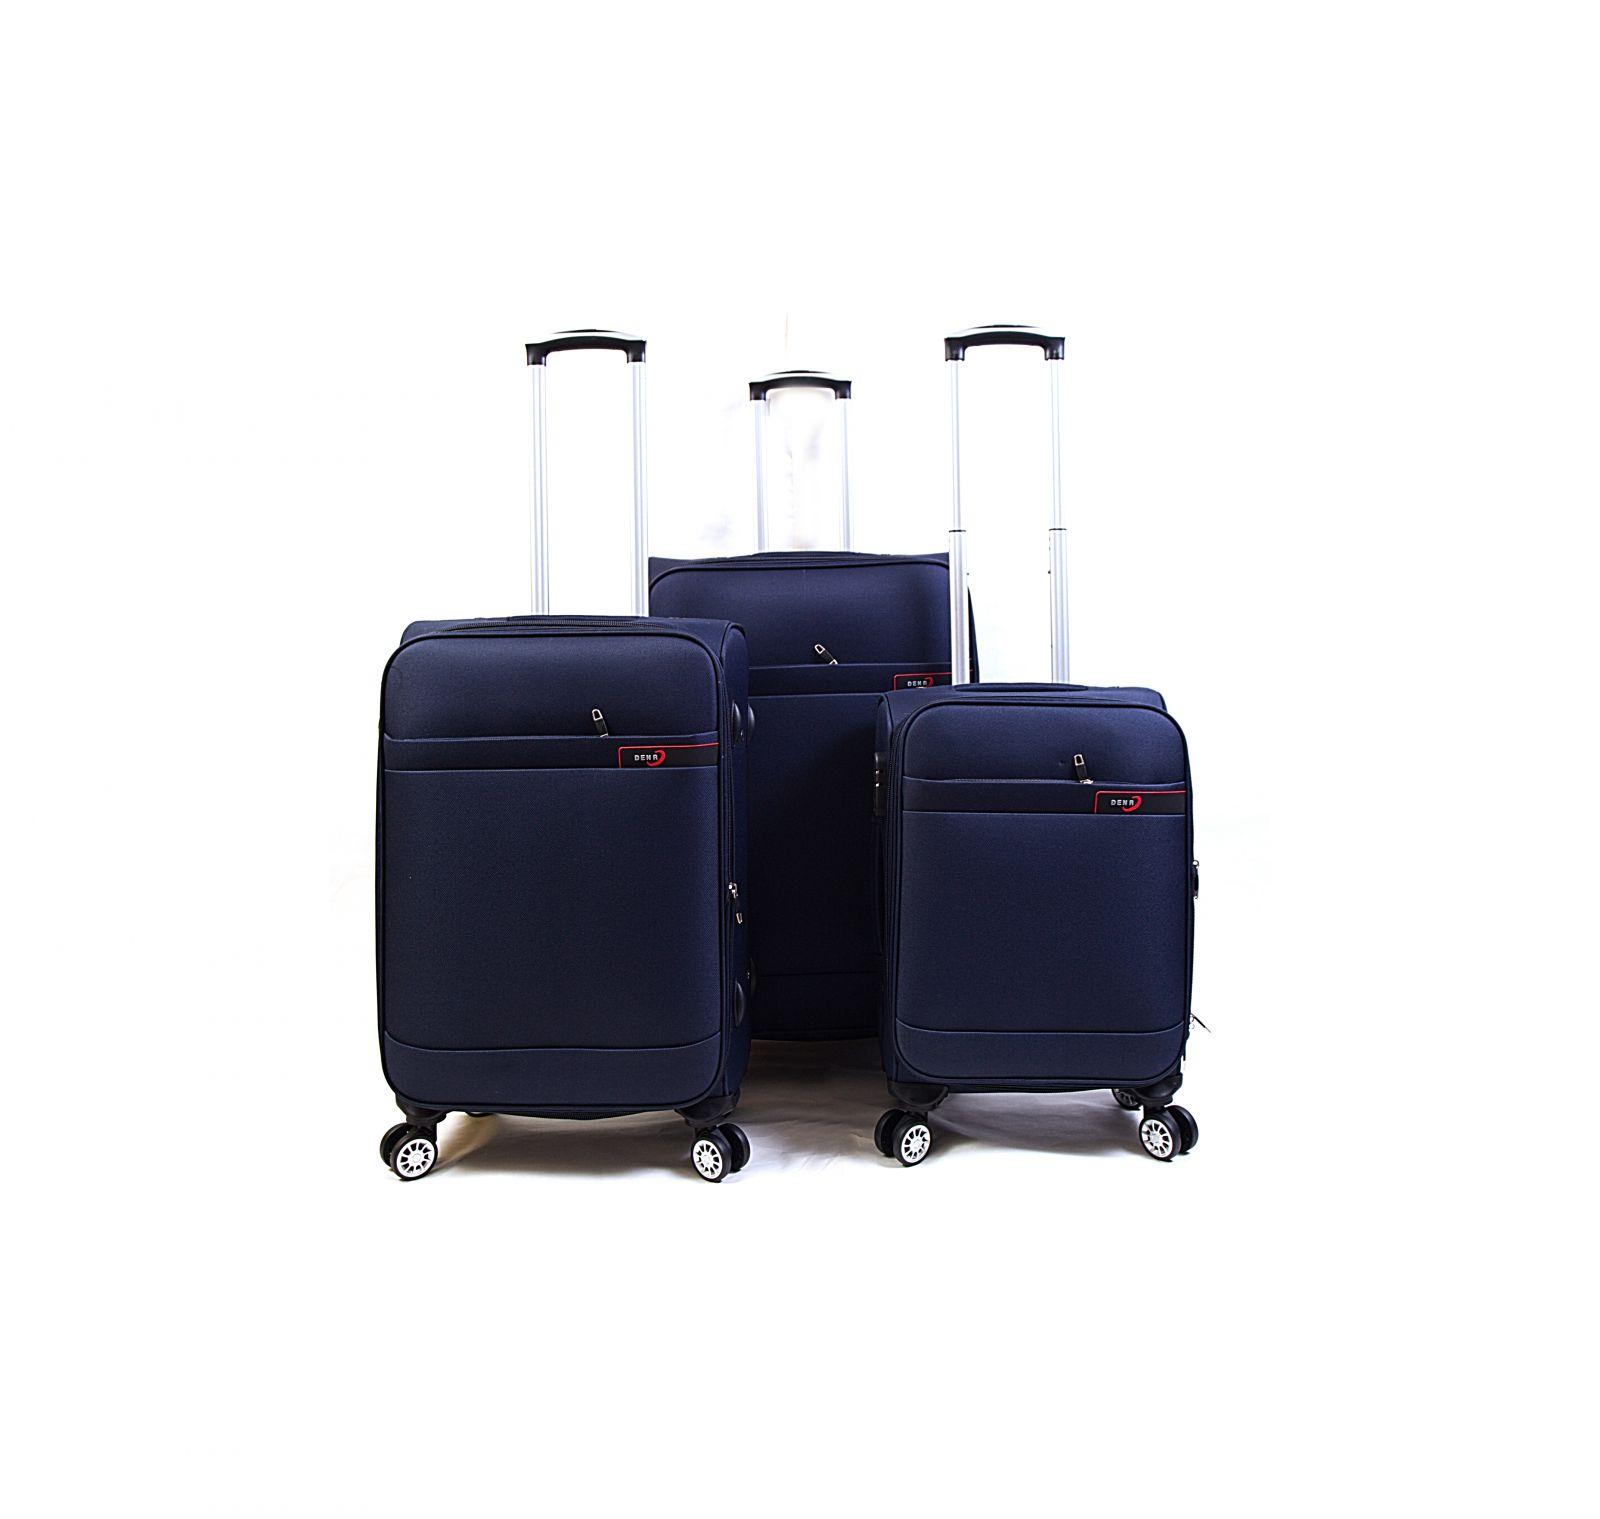 Trolley-CASE TC-882 4w sada 3 kufru modrý